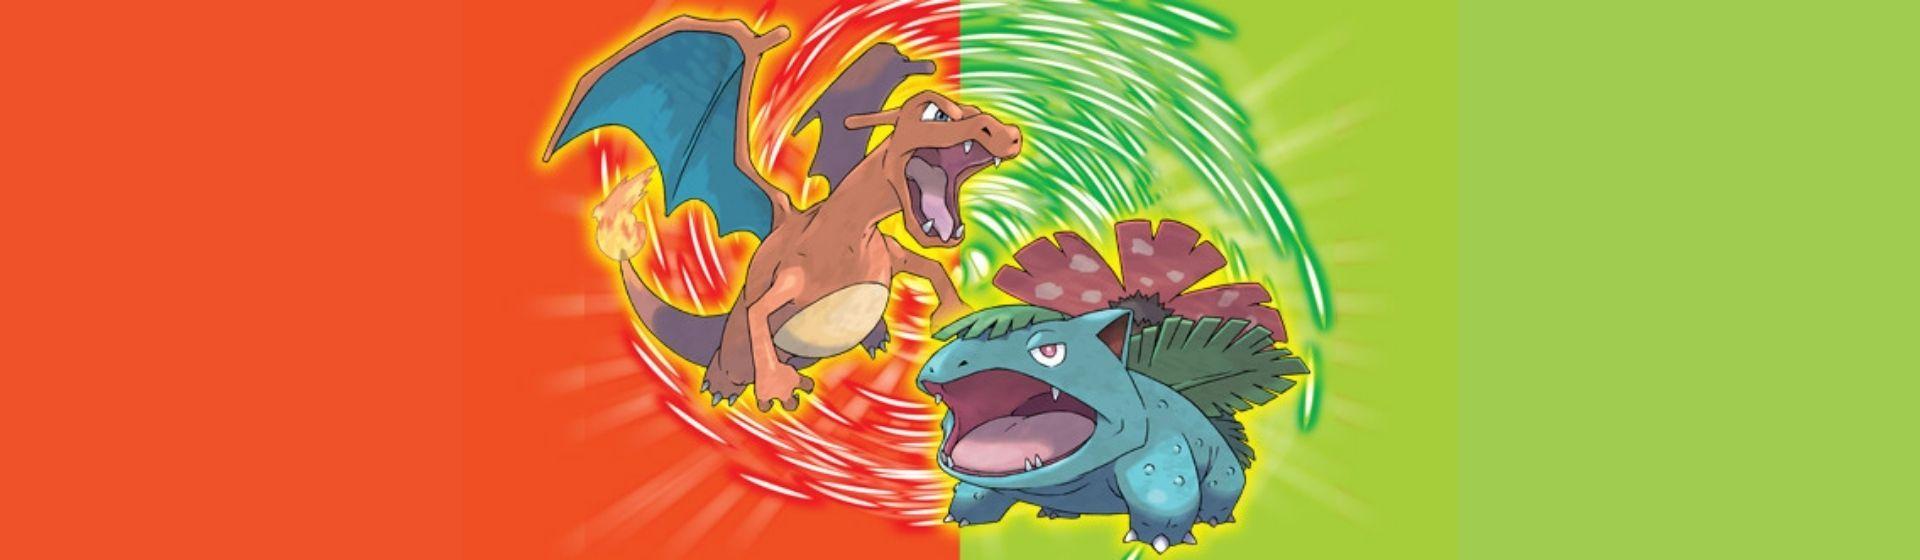 Cheats Pokémon Fire Red: todas as manhas e macetes do jogo